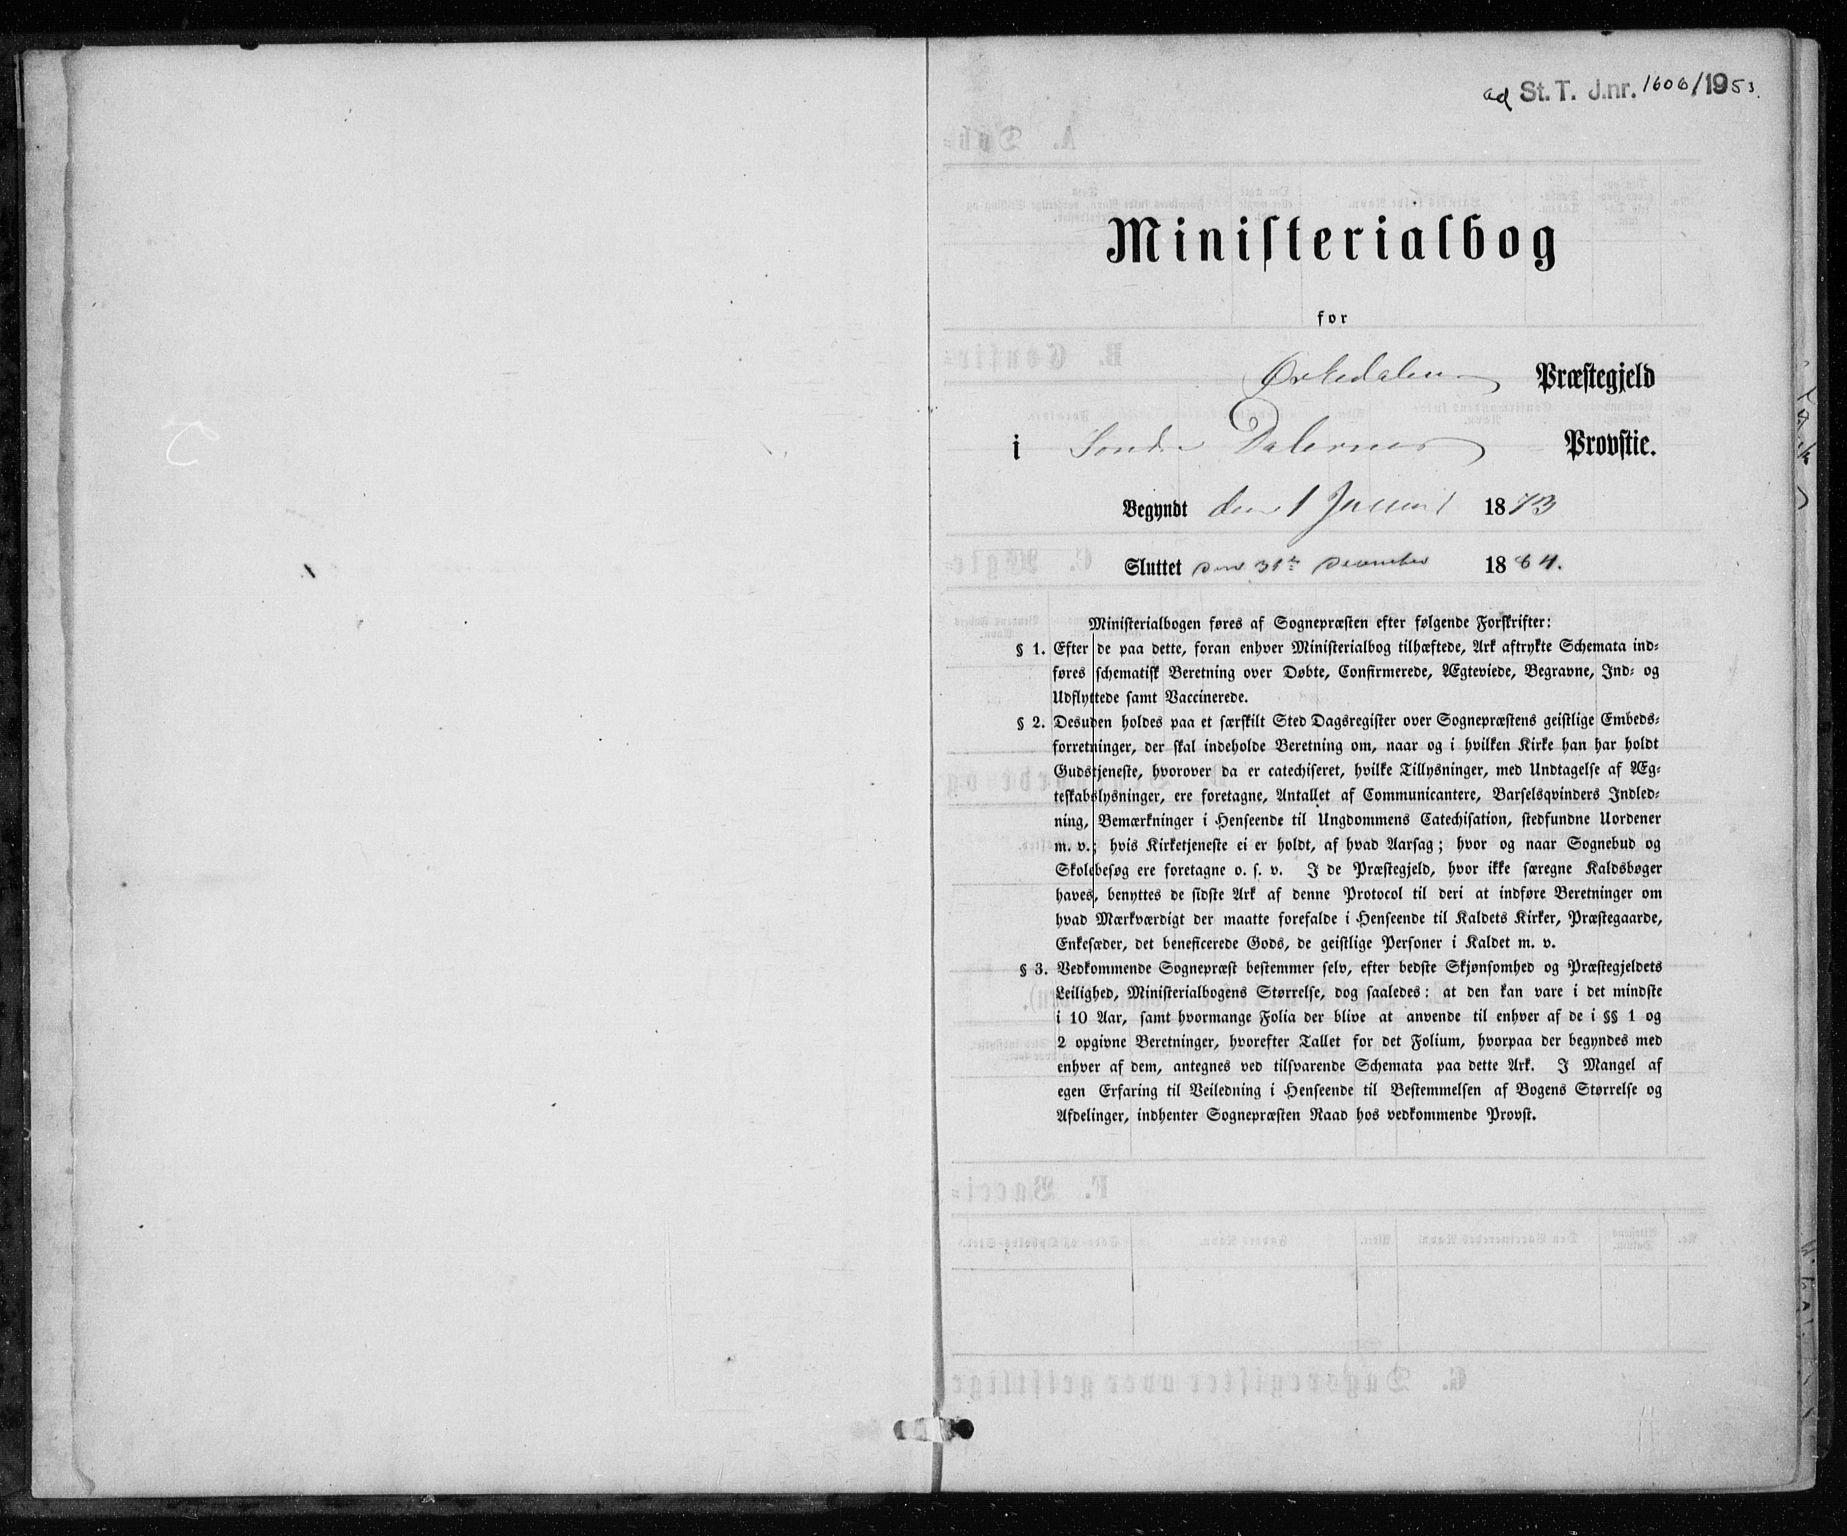 SAT, Ministerialprotokoller, klokkerbøker og fødselsregistre - Sør-Trøndelag, 668/L0817: Klokkerbok nr. 668C06, 1873-1884